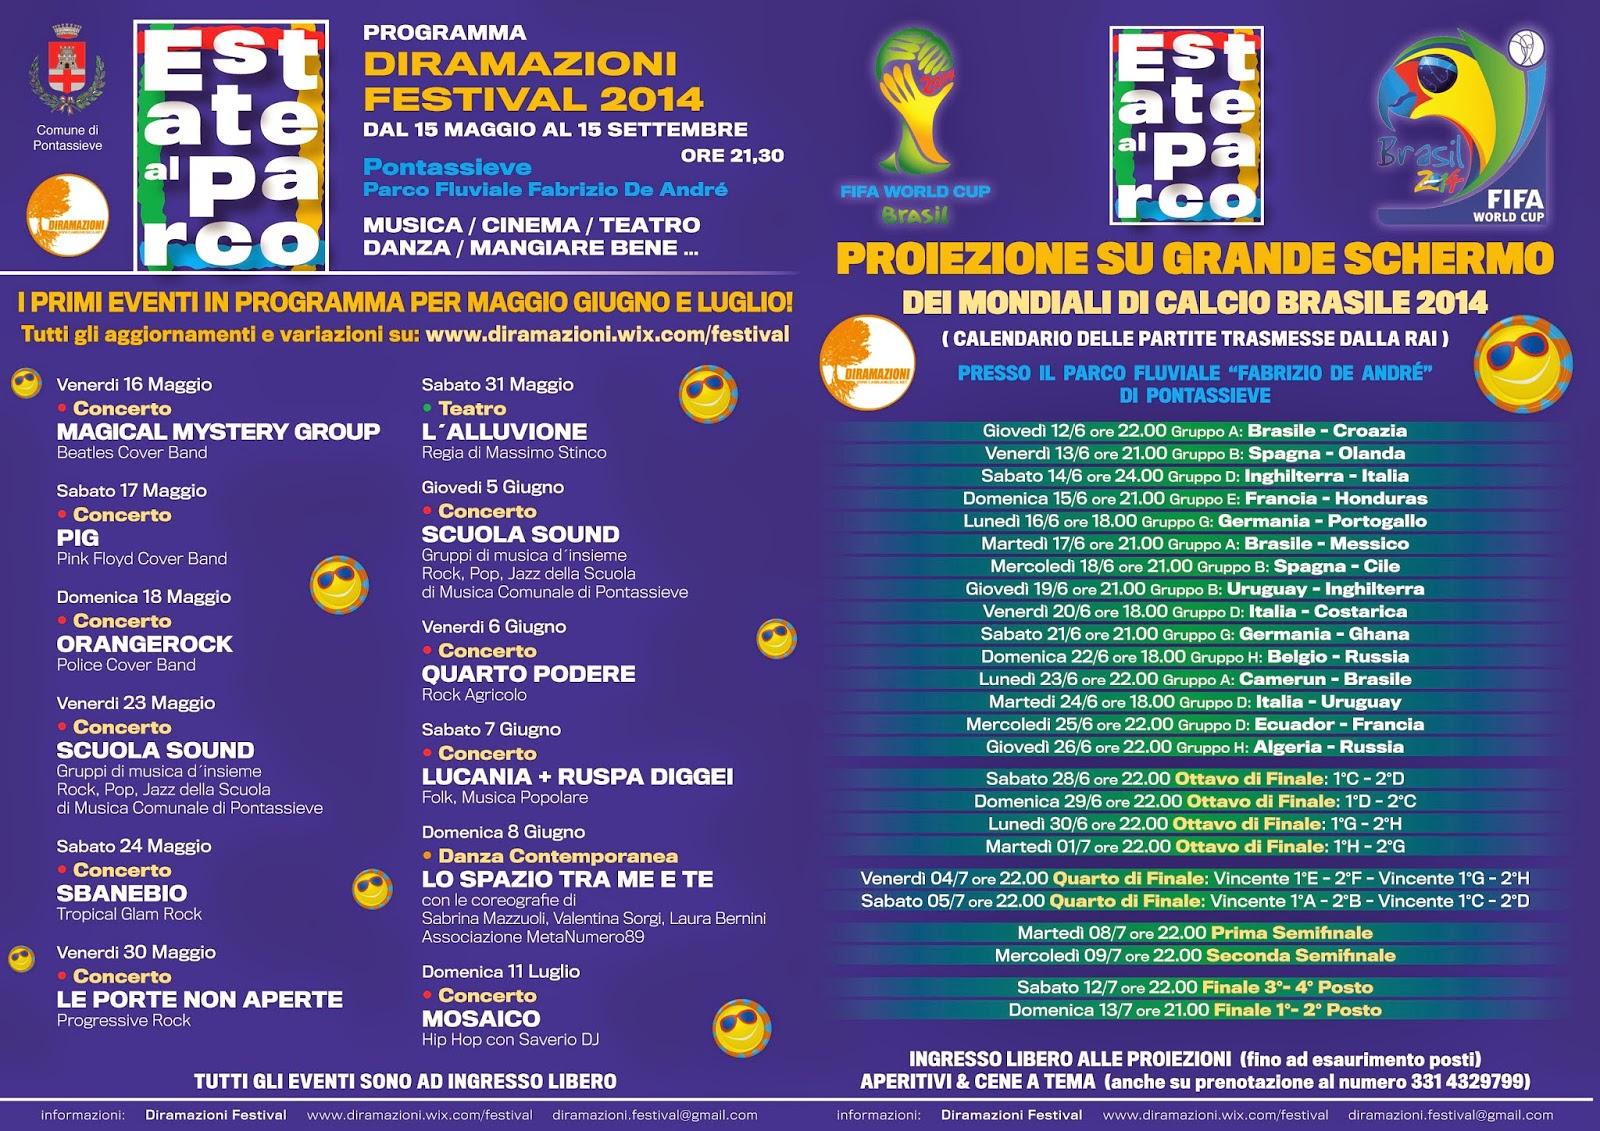 diramazioni, festival, estate al parco, 2014, live, concerti, teatro, danza, frasco, cambiamusica